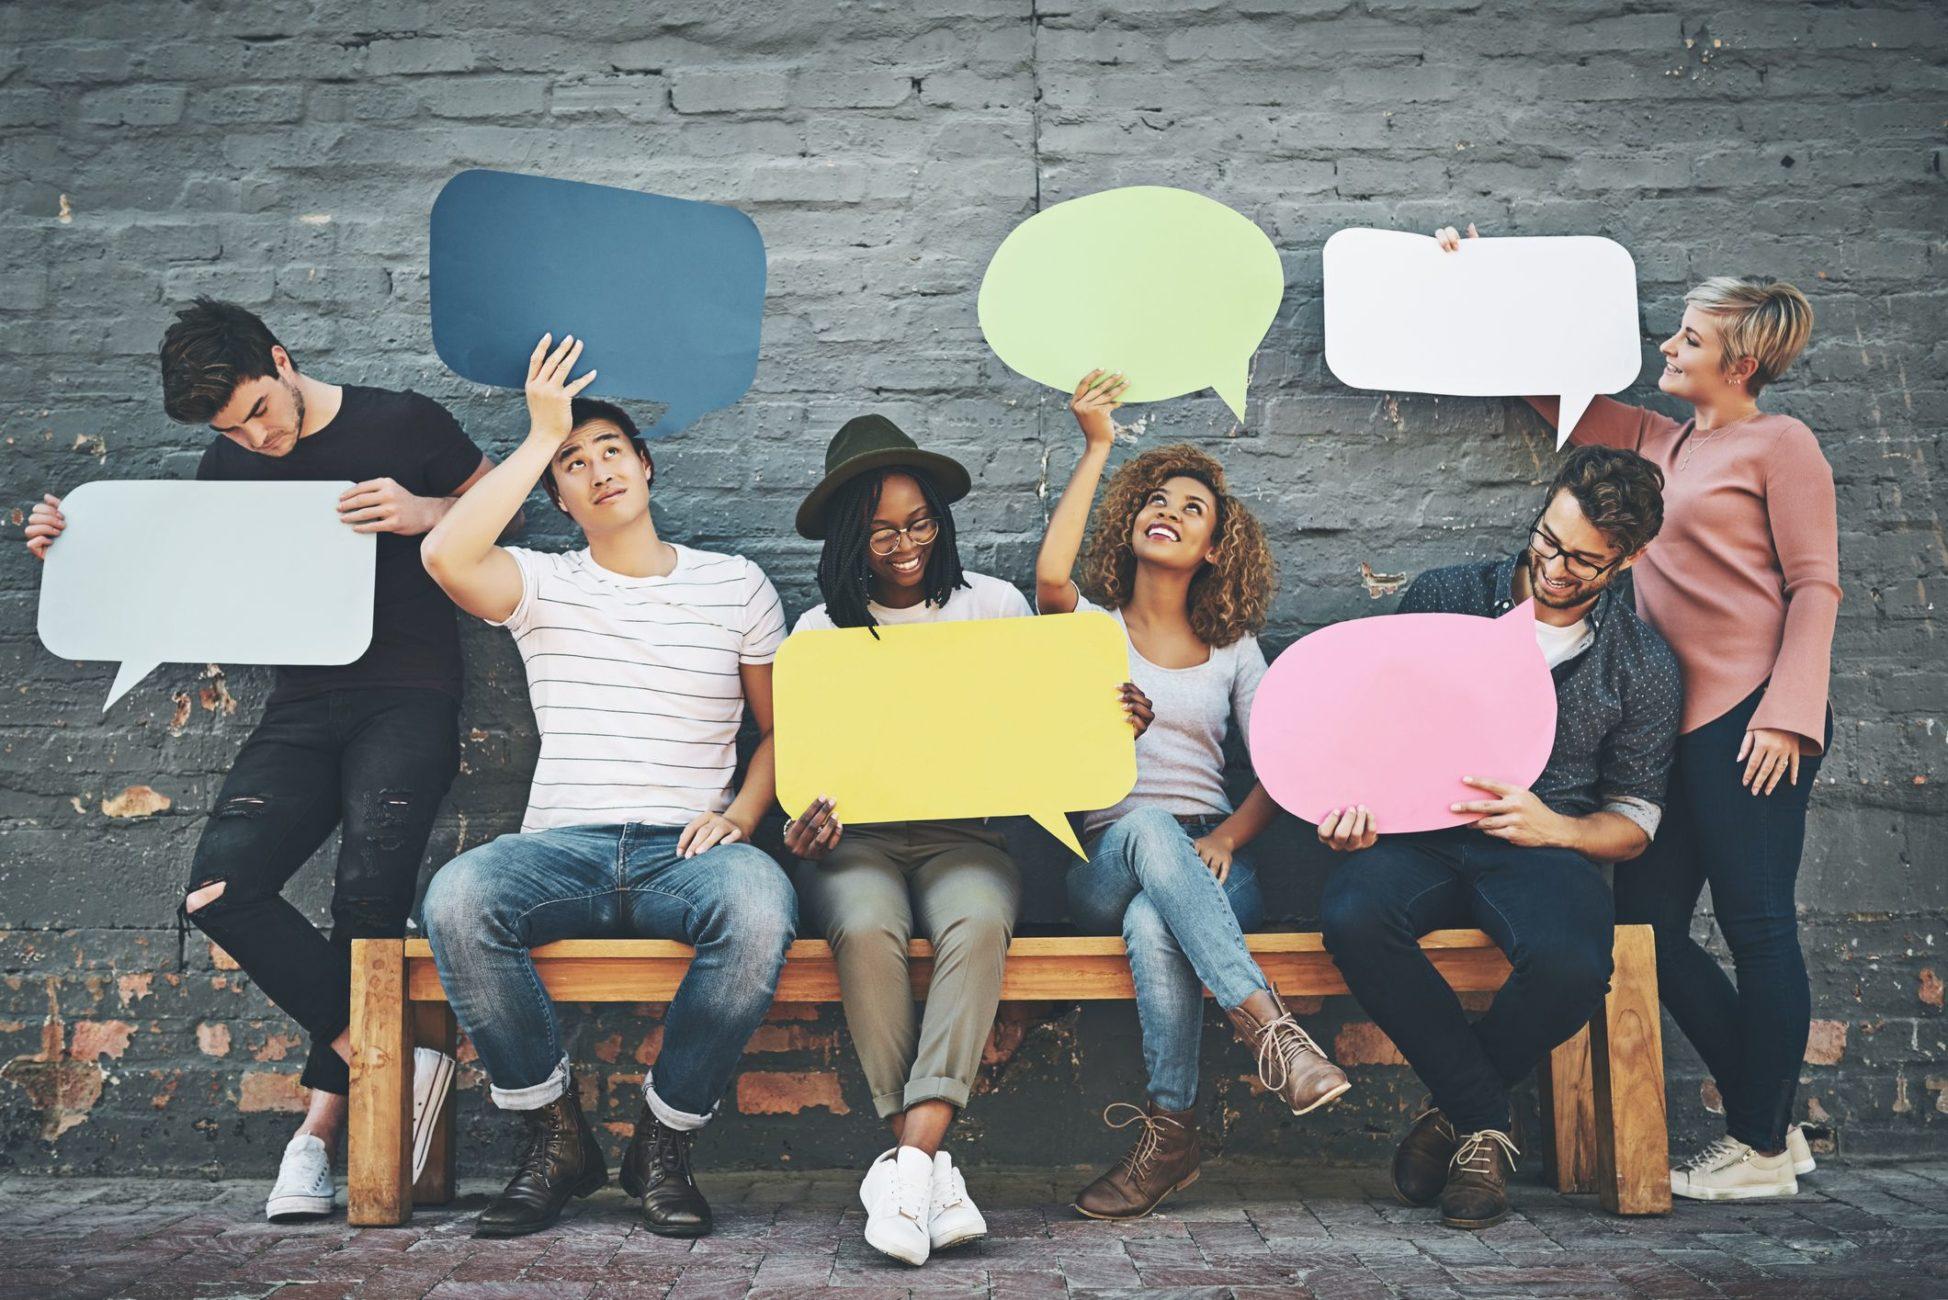 New Work, Digital Workplace, Ambidextrie – die Diskussion hat Fahrt aufgenommen. Bild: © istock.com / PeopleImages